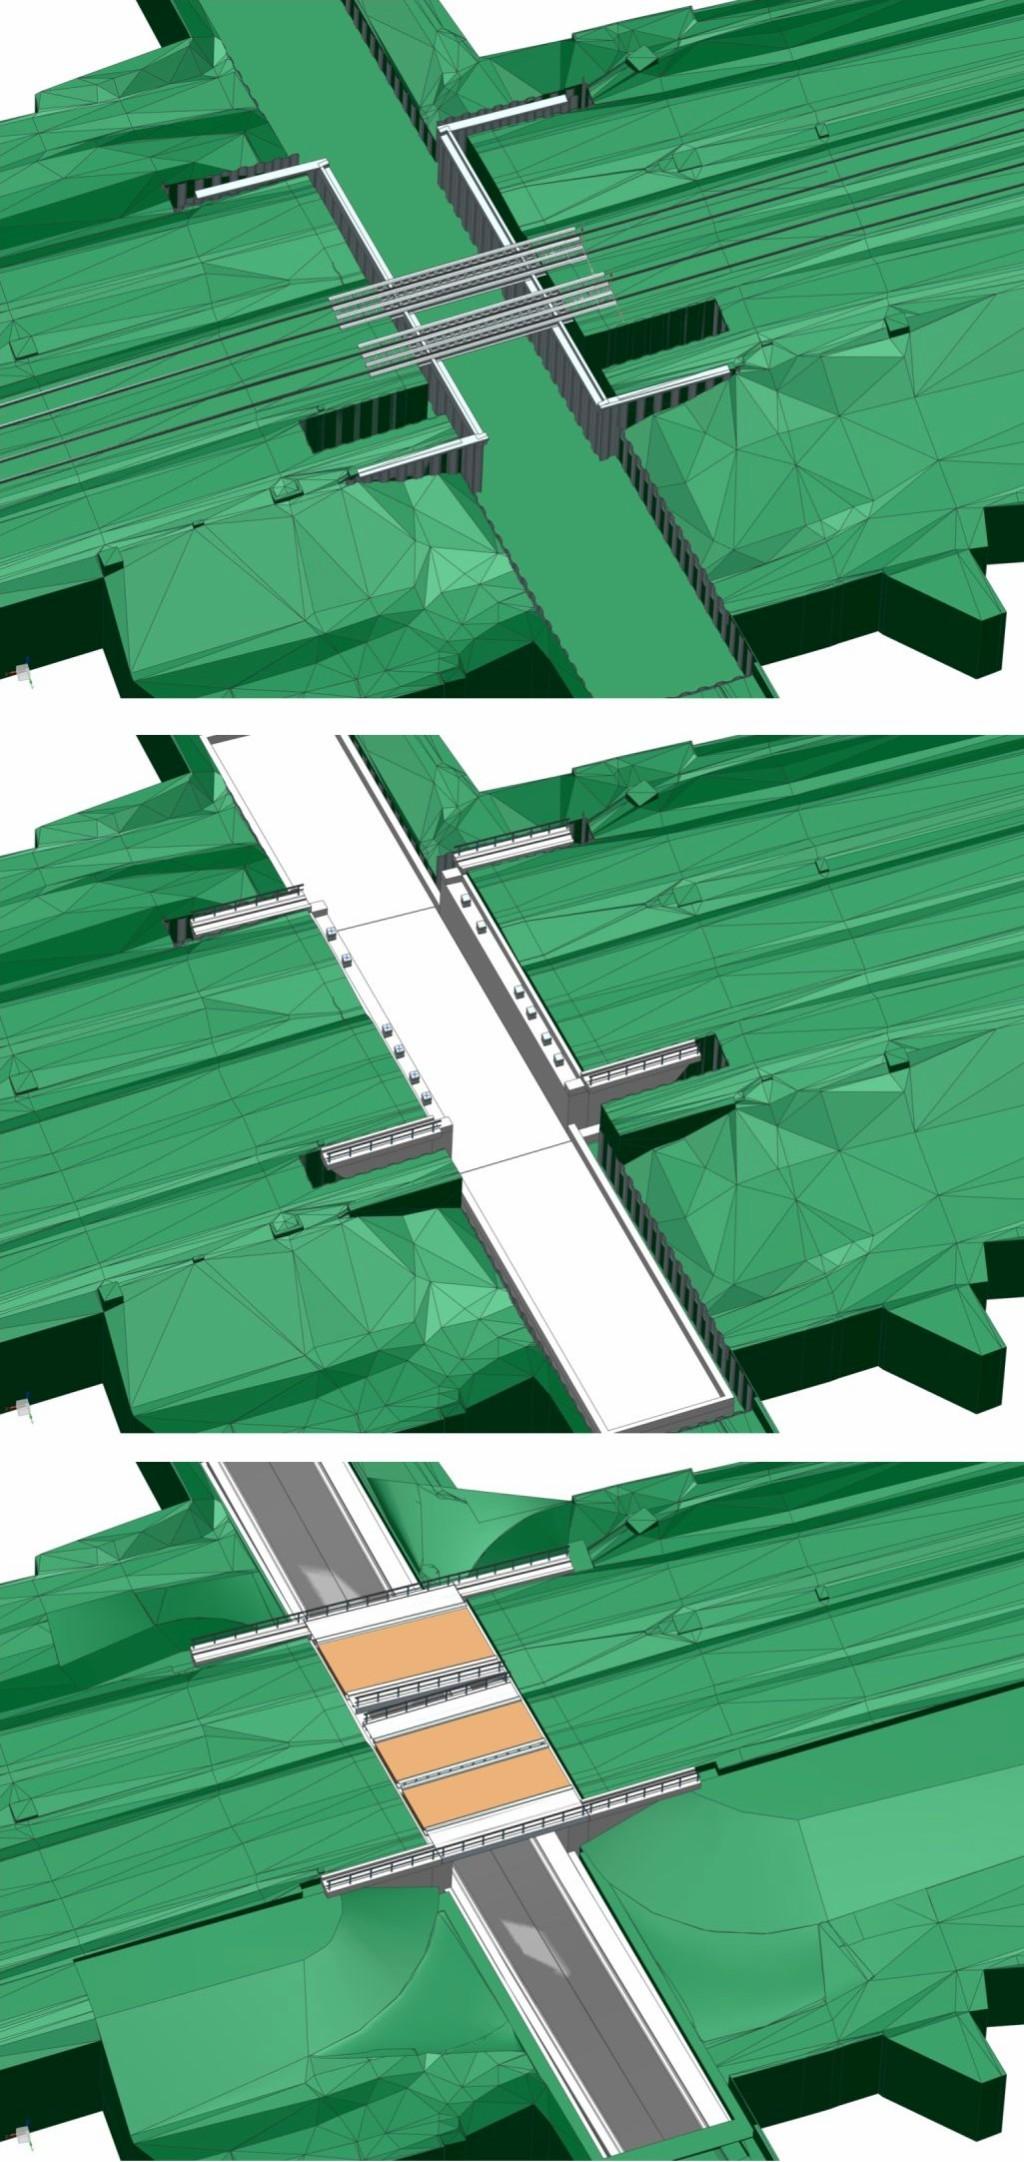 Bild 5. Beispiele für die Darstellung von Bauabläufen bei der EÜ Brodweg durch das logische Ein- und Ausblenden von Bauteilen